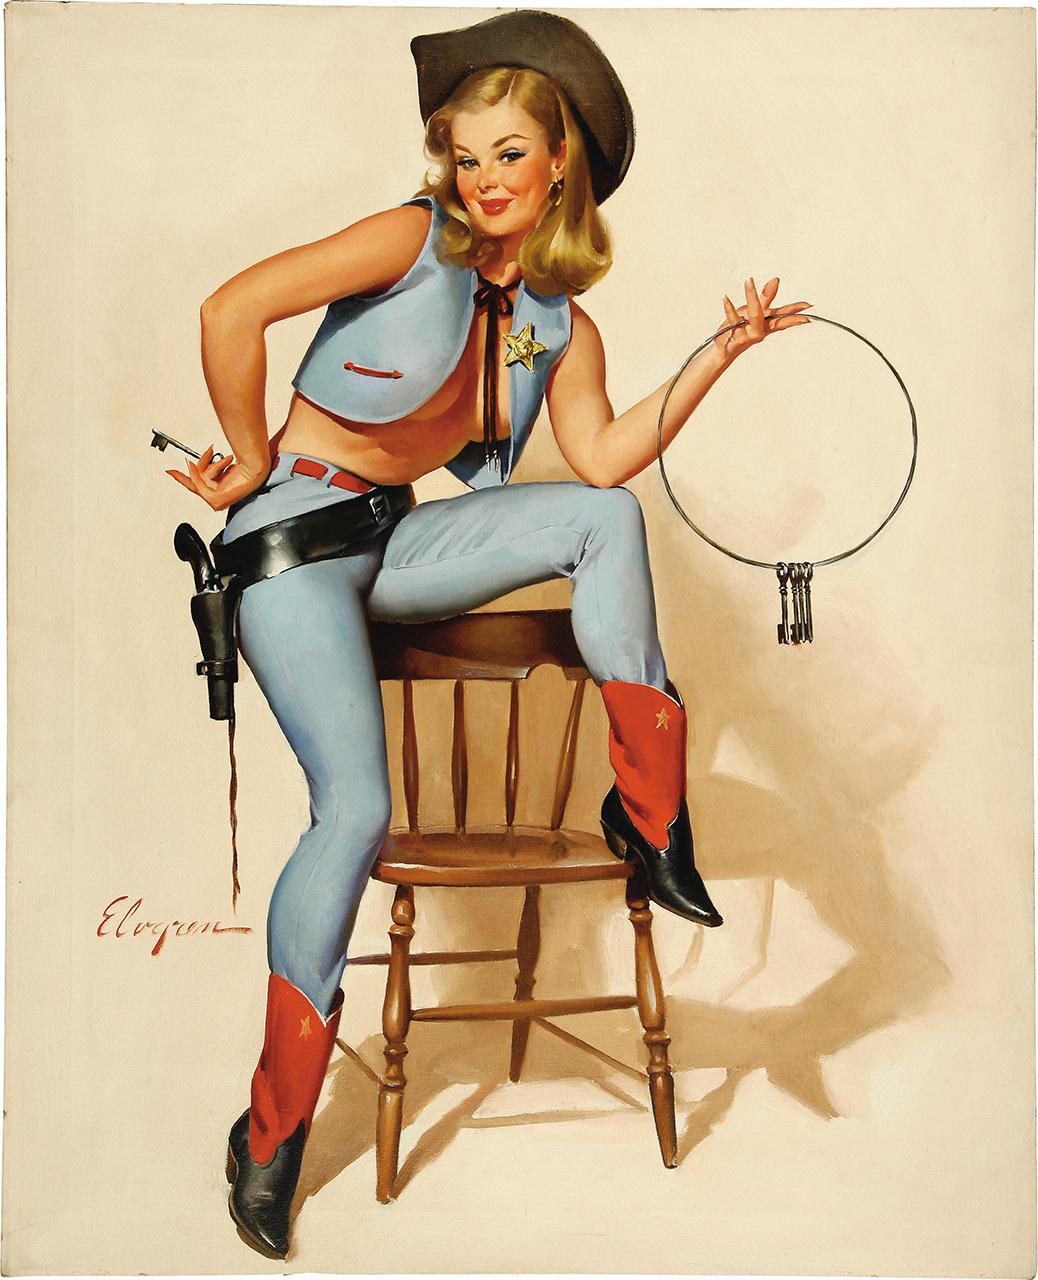 Постер на подрамнике Джил Элвгрен: A key situation